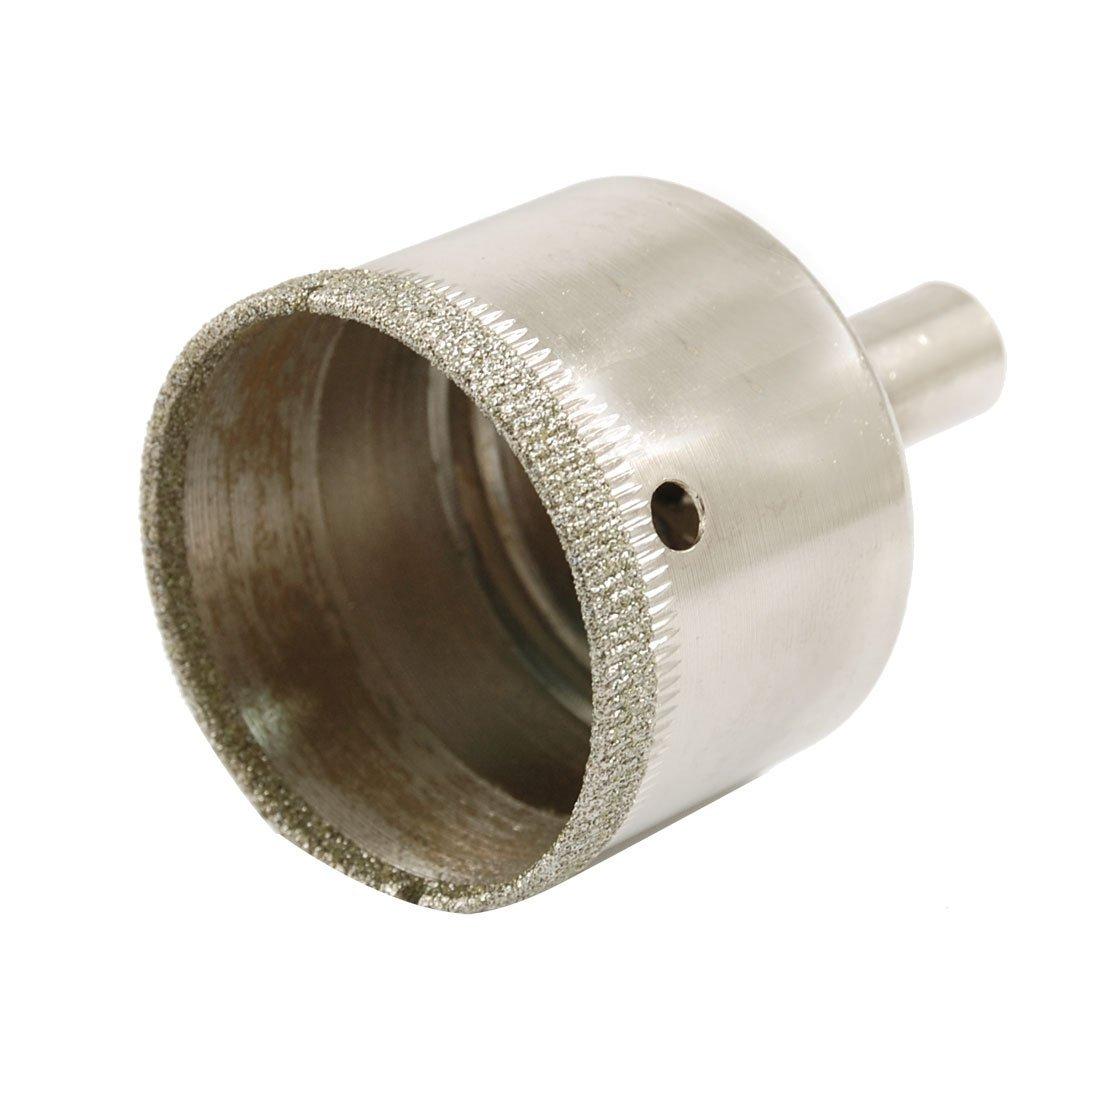 SODIAL(R) Foret de scie a trou de diament en verre ceramique du diametre de 40 mm